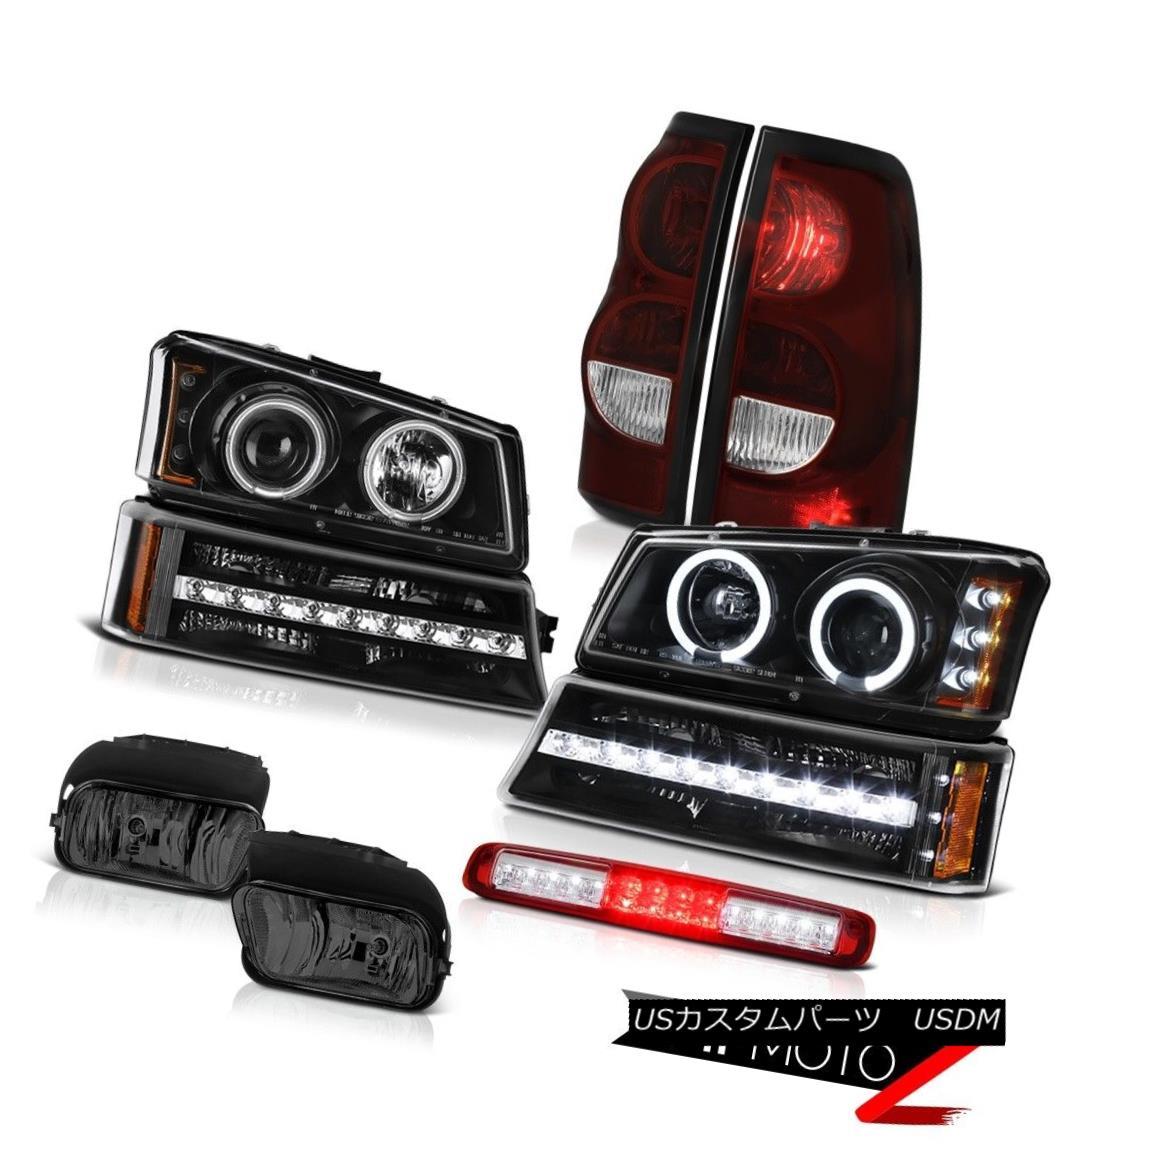 テールライト 03-06 Chevy Silverado Wine Red Roof Cargo Light Fog Lights Tail Bumper Headlamps 03-06 Chevy Silveradoワインレッドルーフカーゴライトフォグライトテールバンパーヘッドランプ